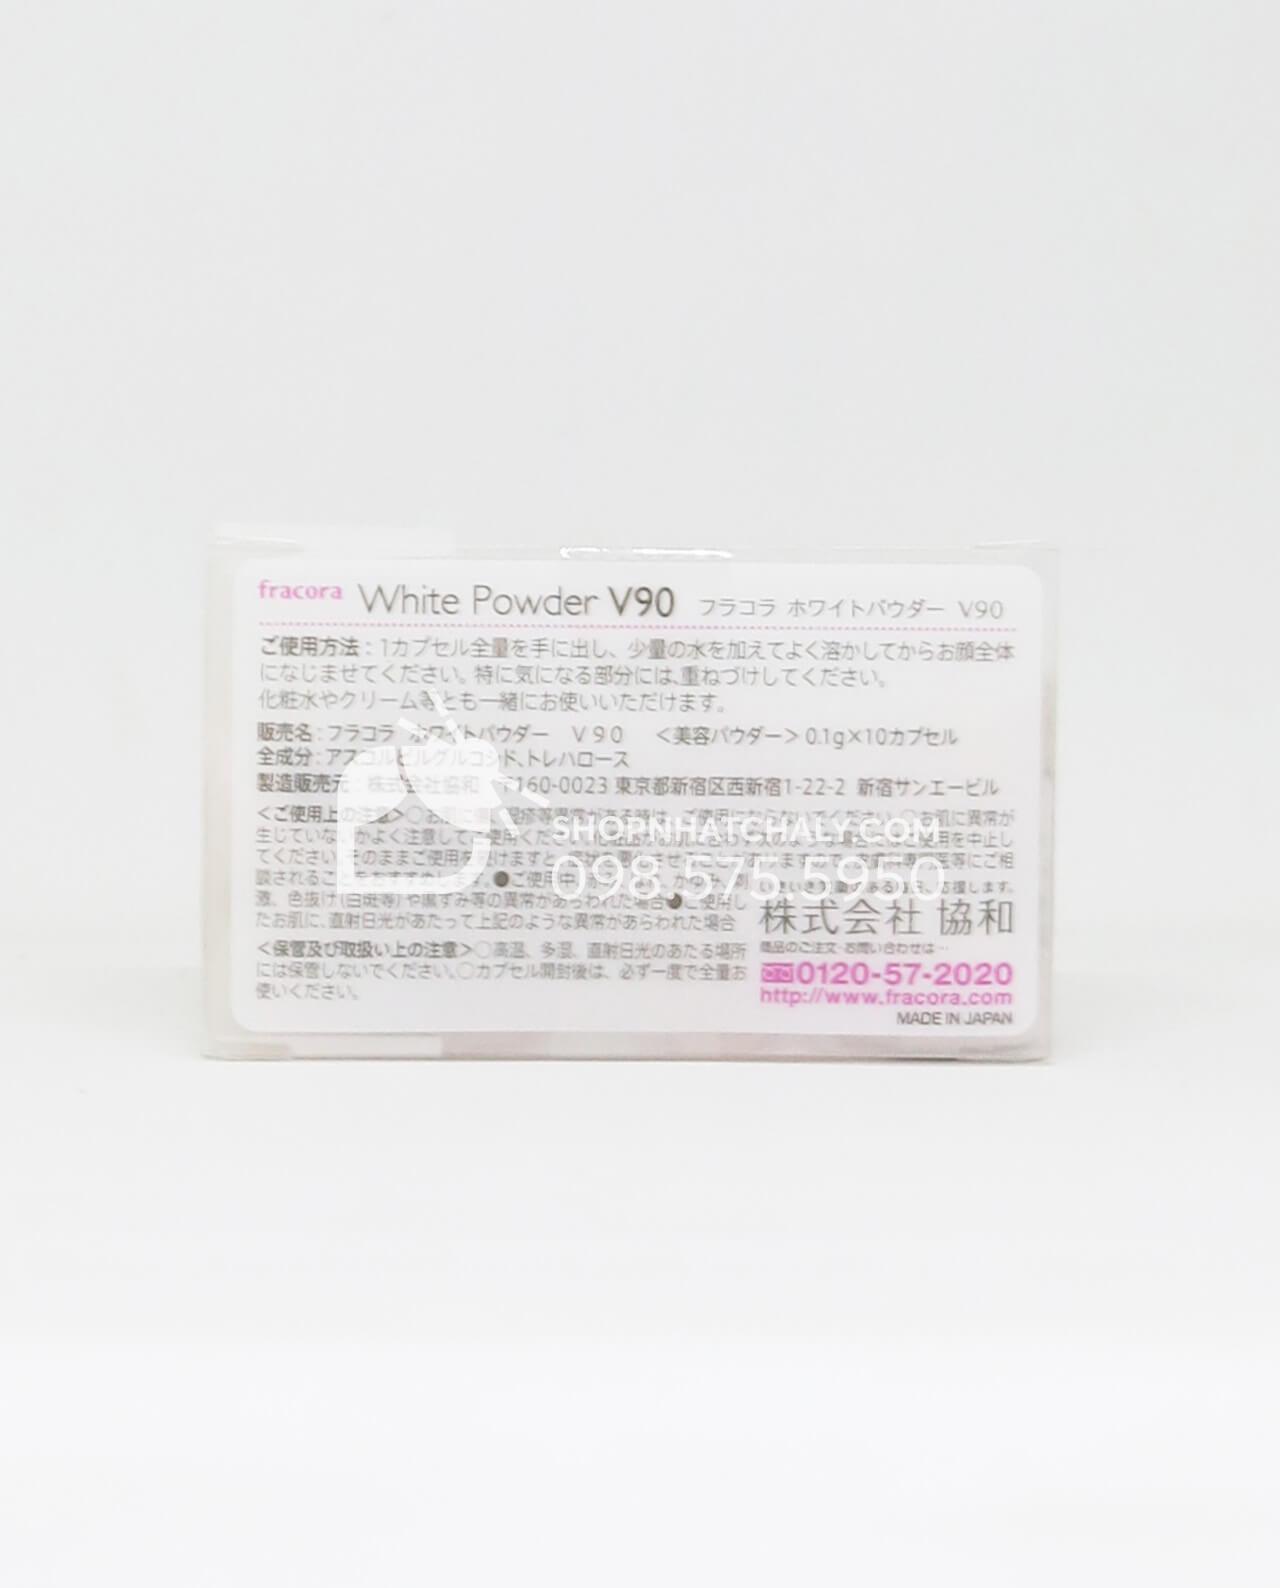 Bột dưỡng trắng da Fracora White Powder V90 Nhật Bản - thông tin sản phẩm